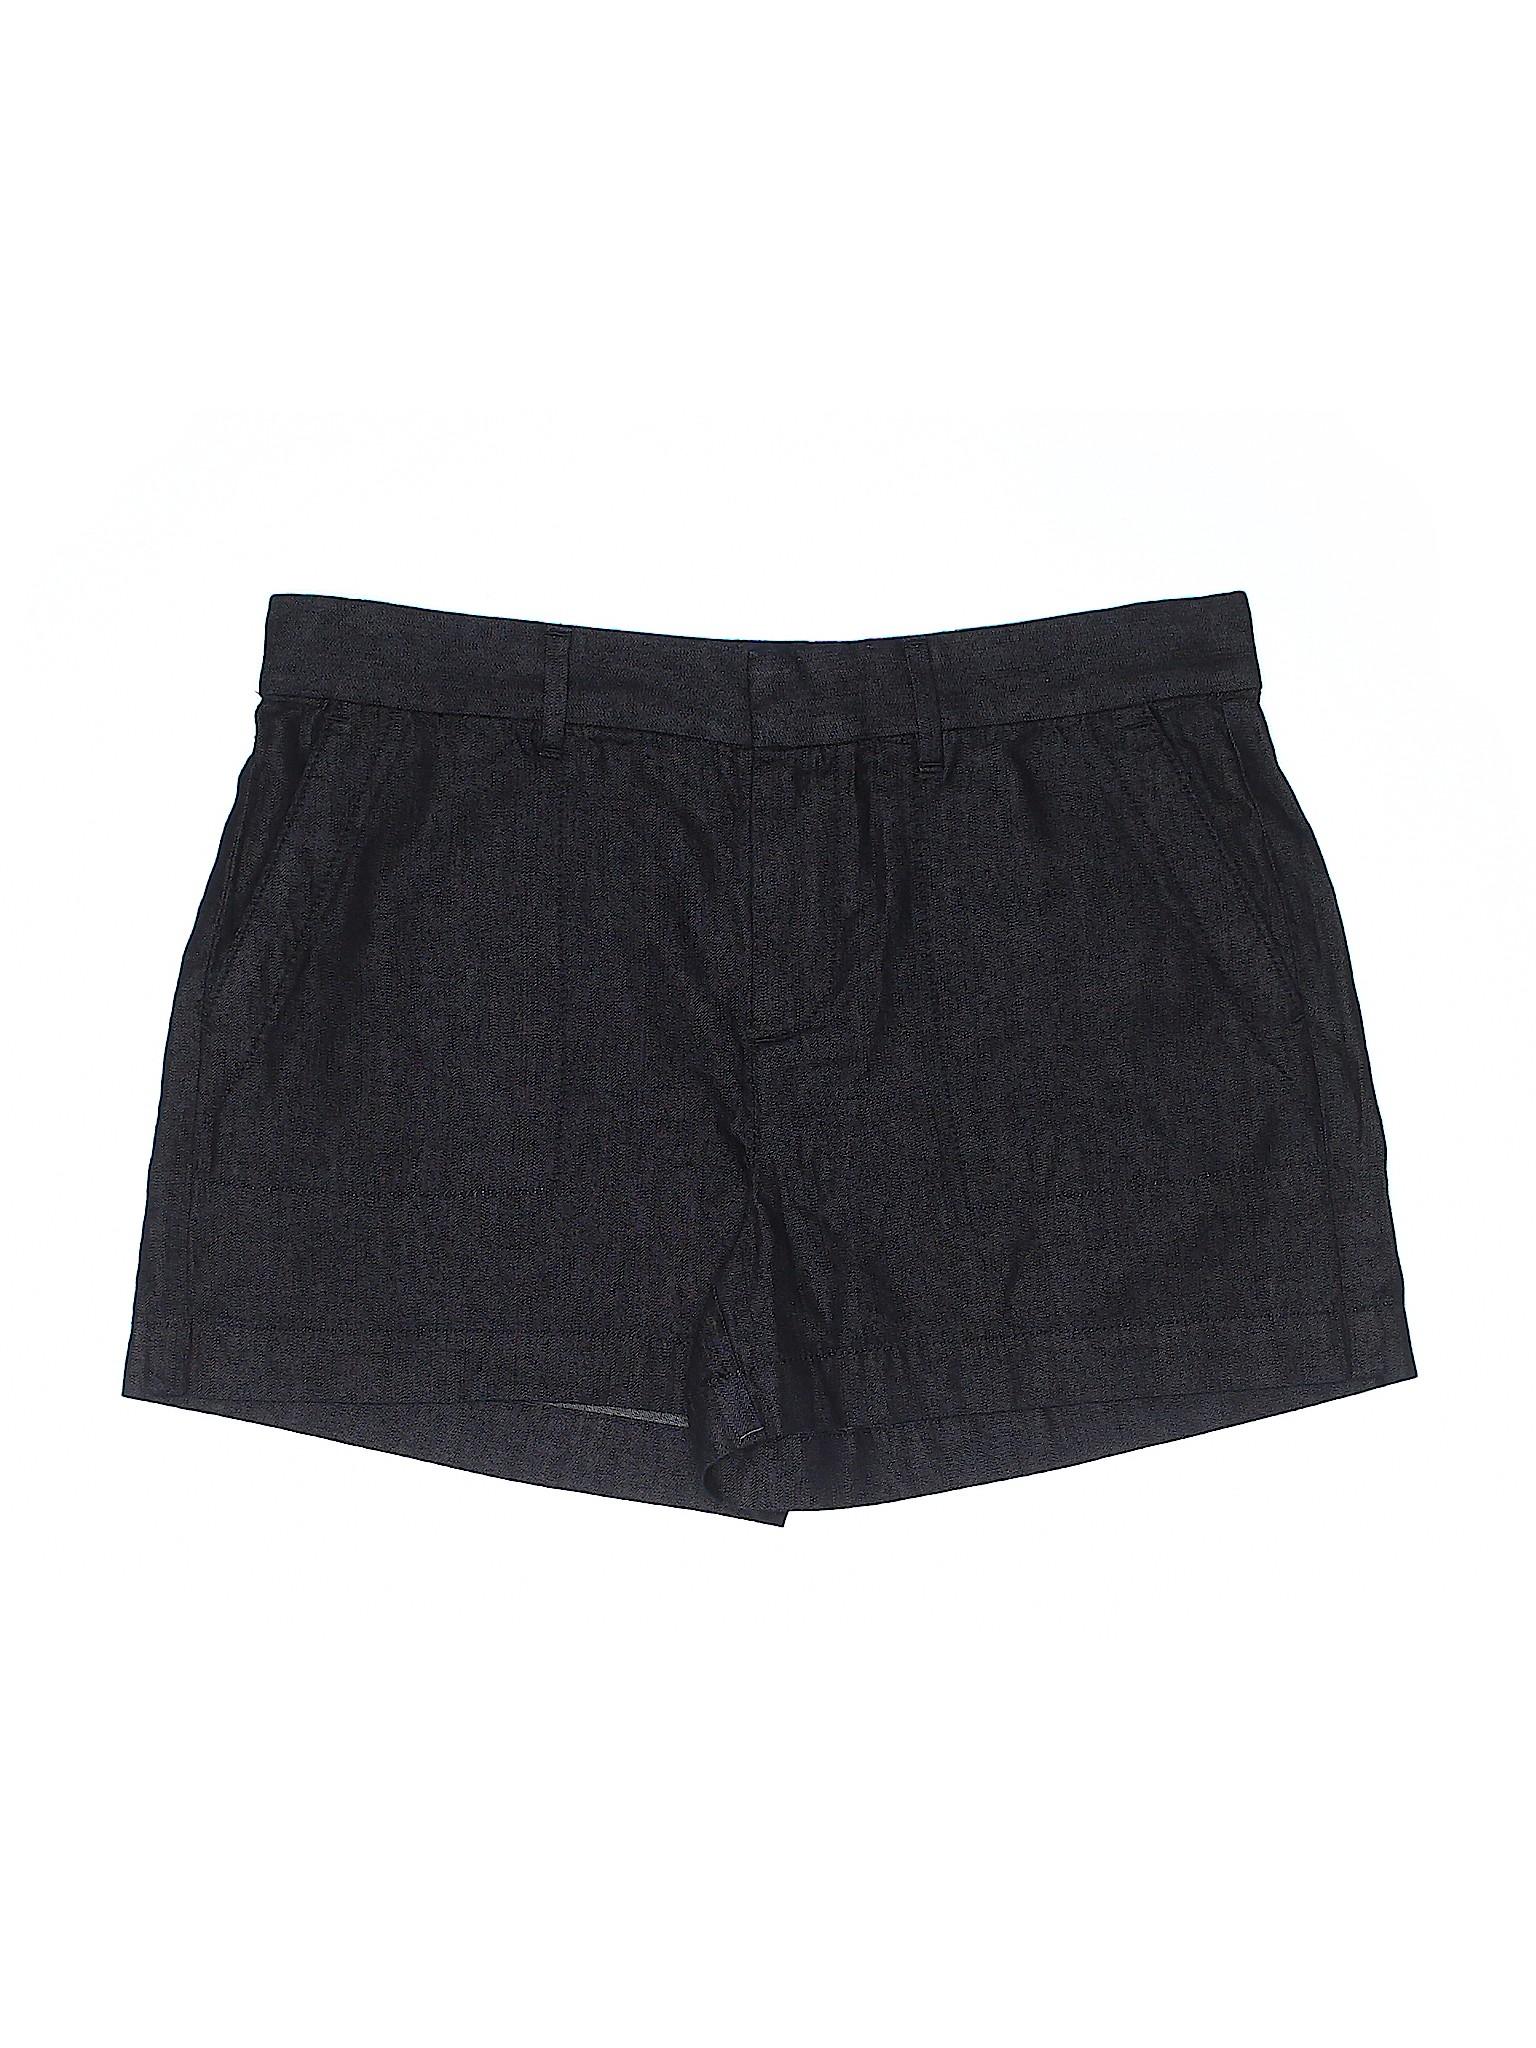 Boutique Shorts LOFT Denim Taylor Ann rRFqBr